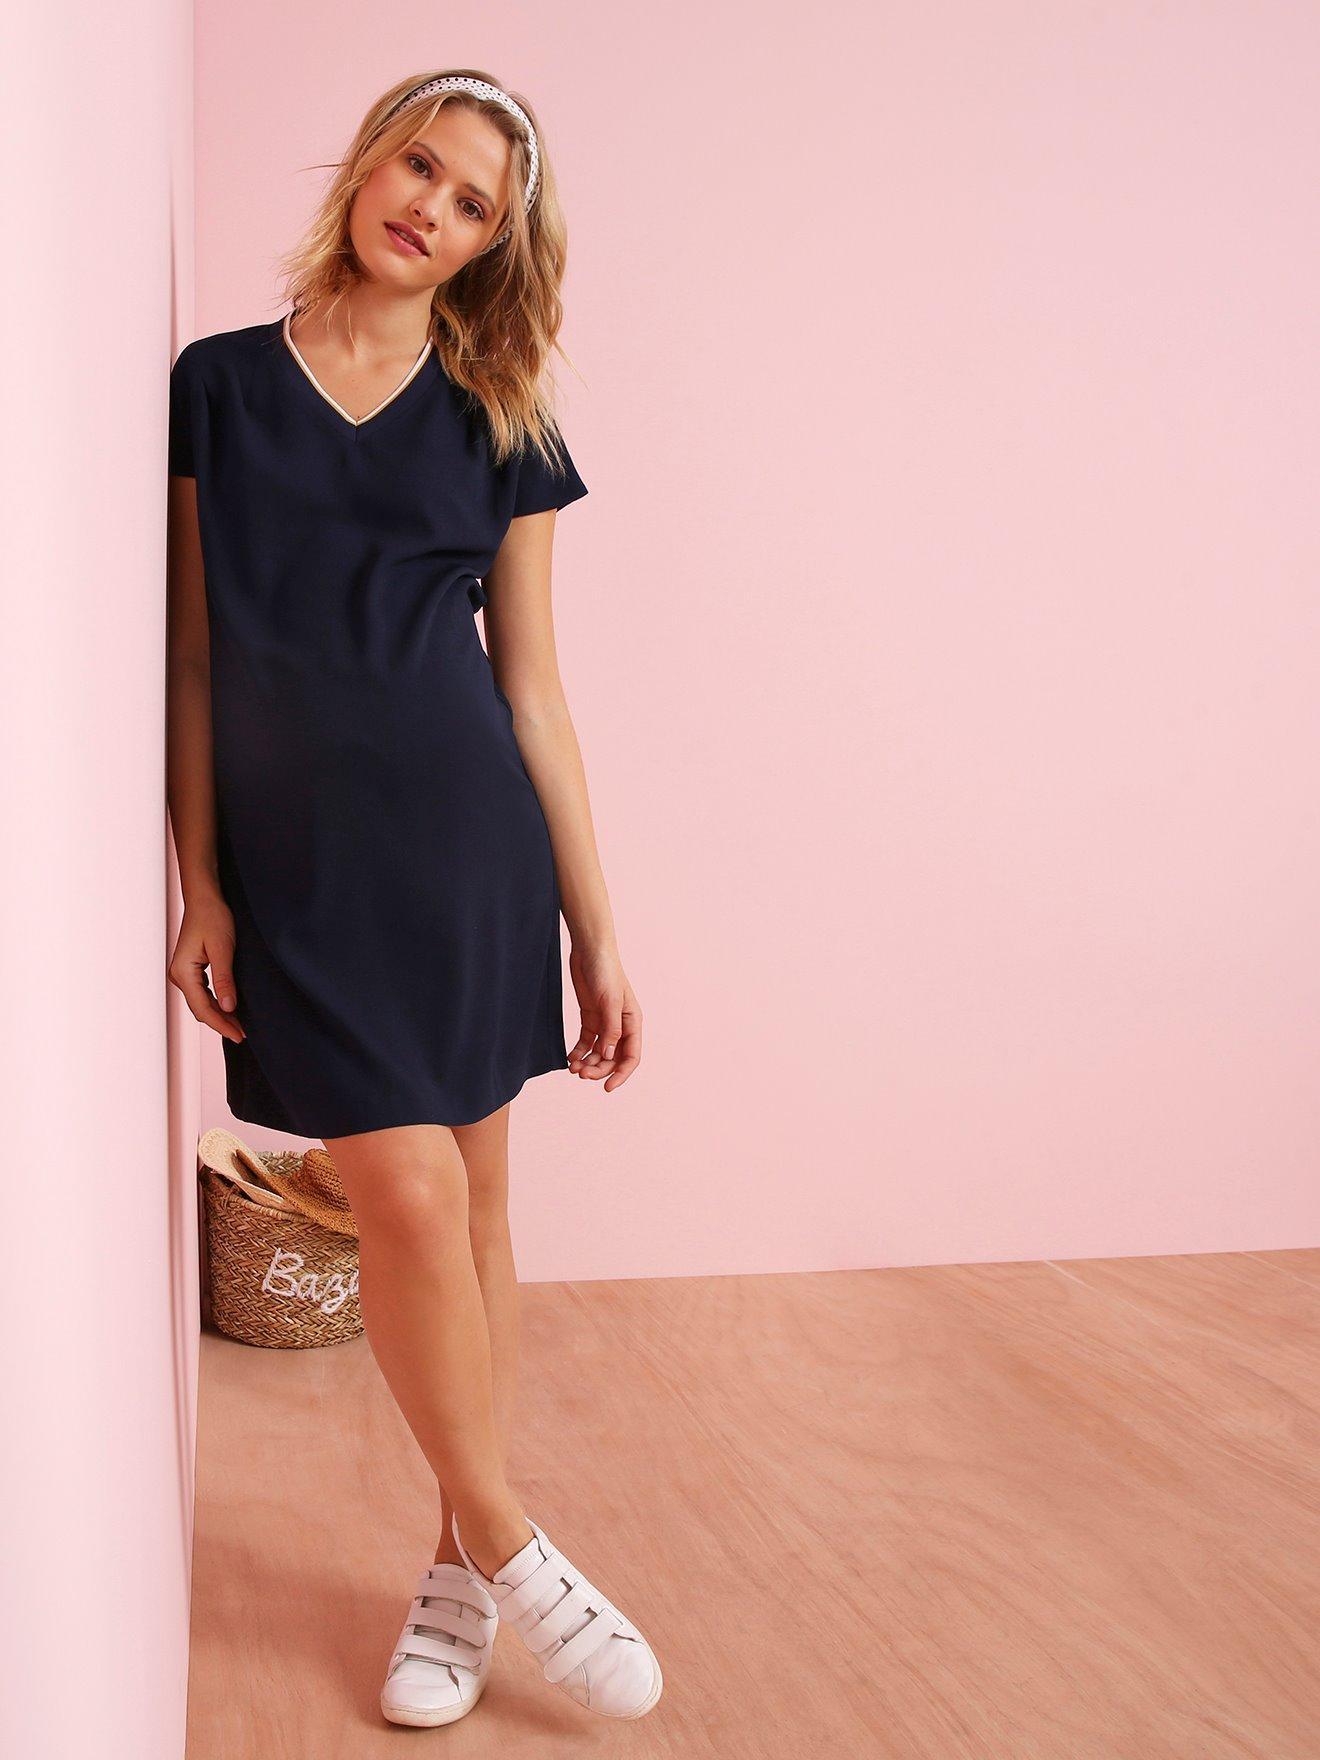 a3aa7eb3e Vestido de embarazo con escote de pico a contraste azul oscuro liso con  motivos. Vertbaudet